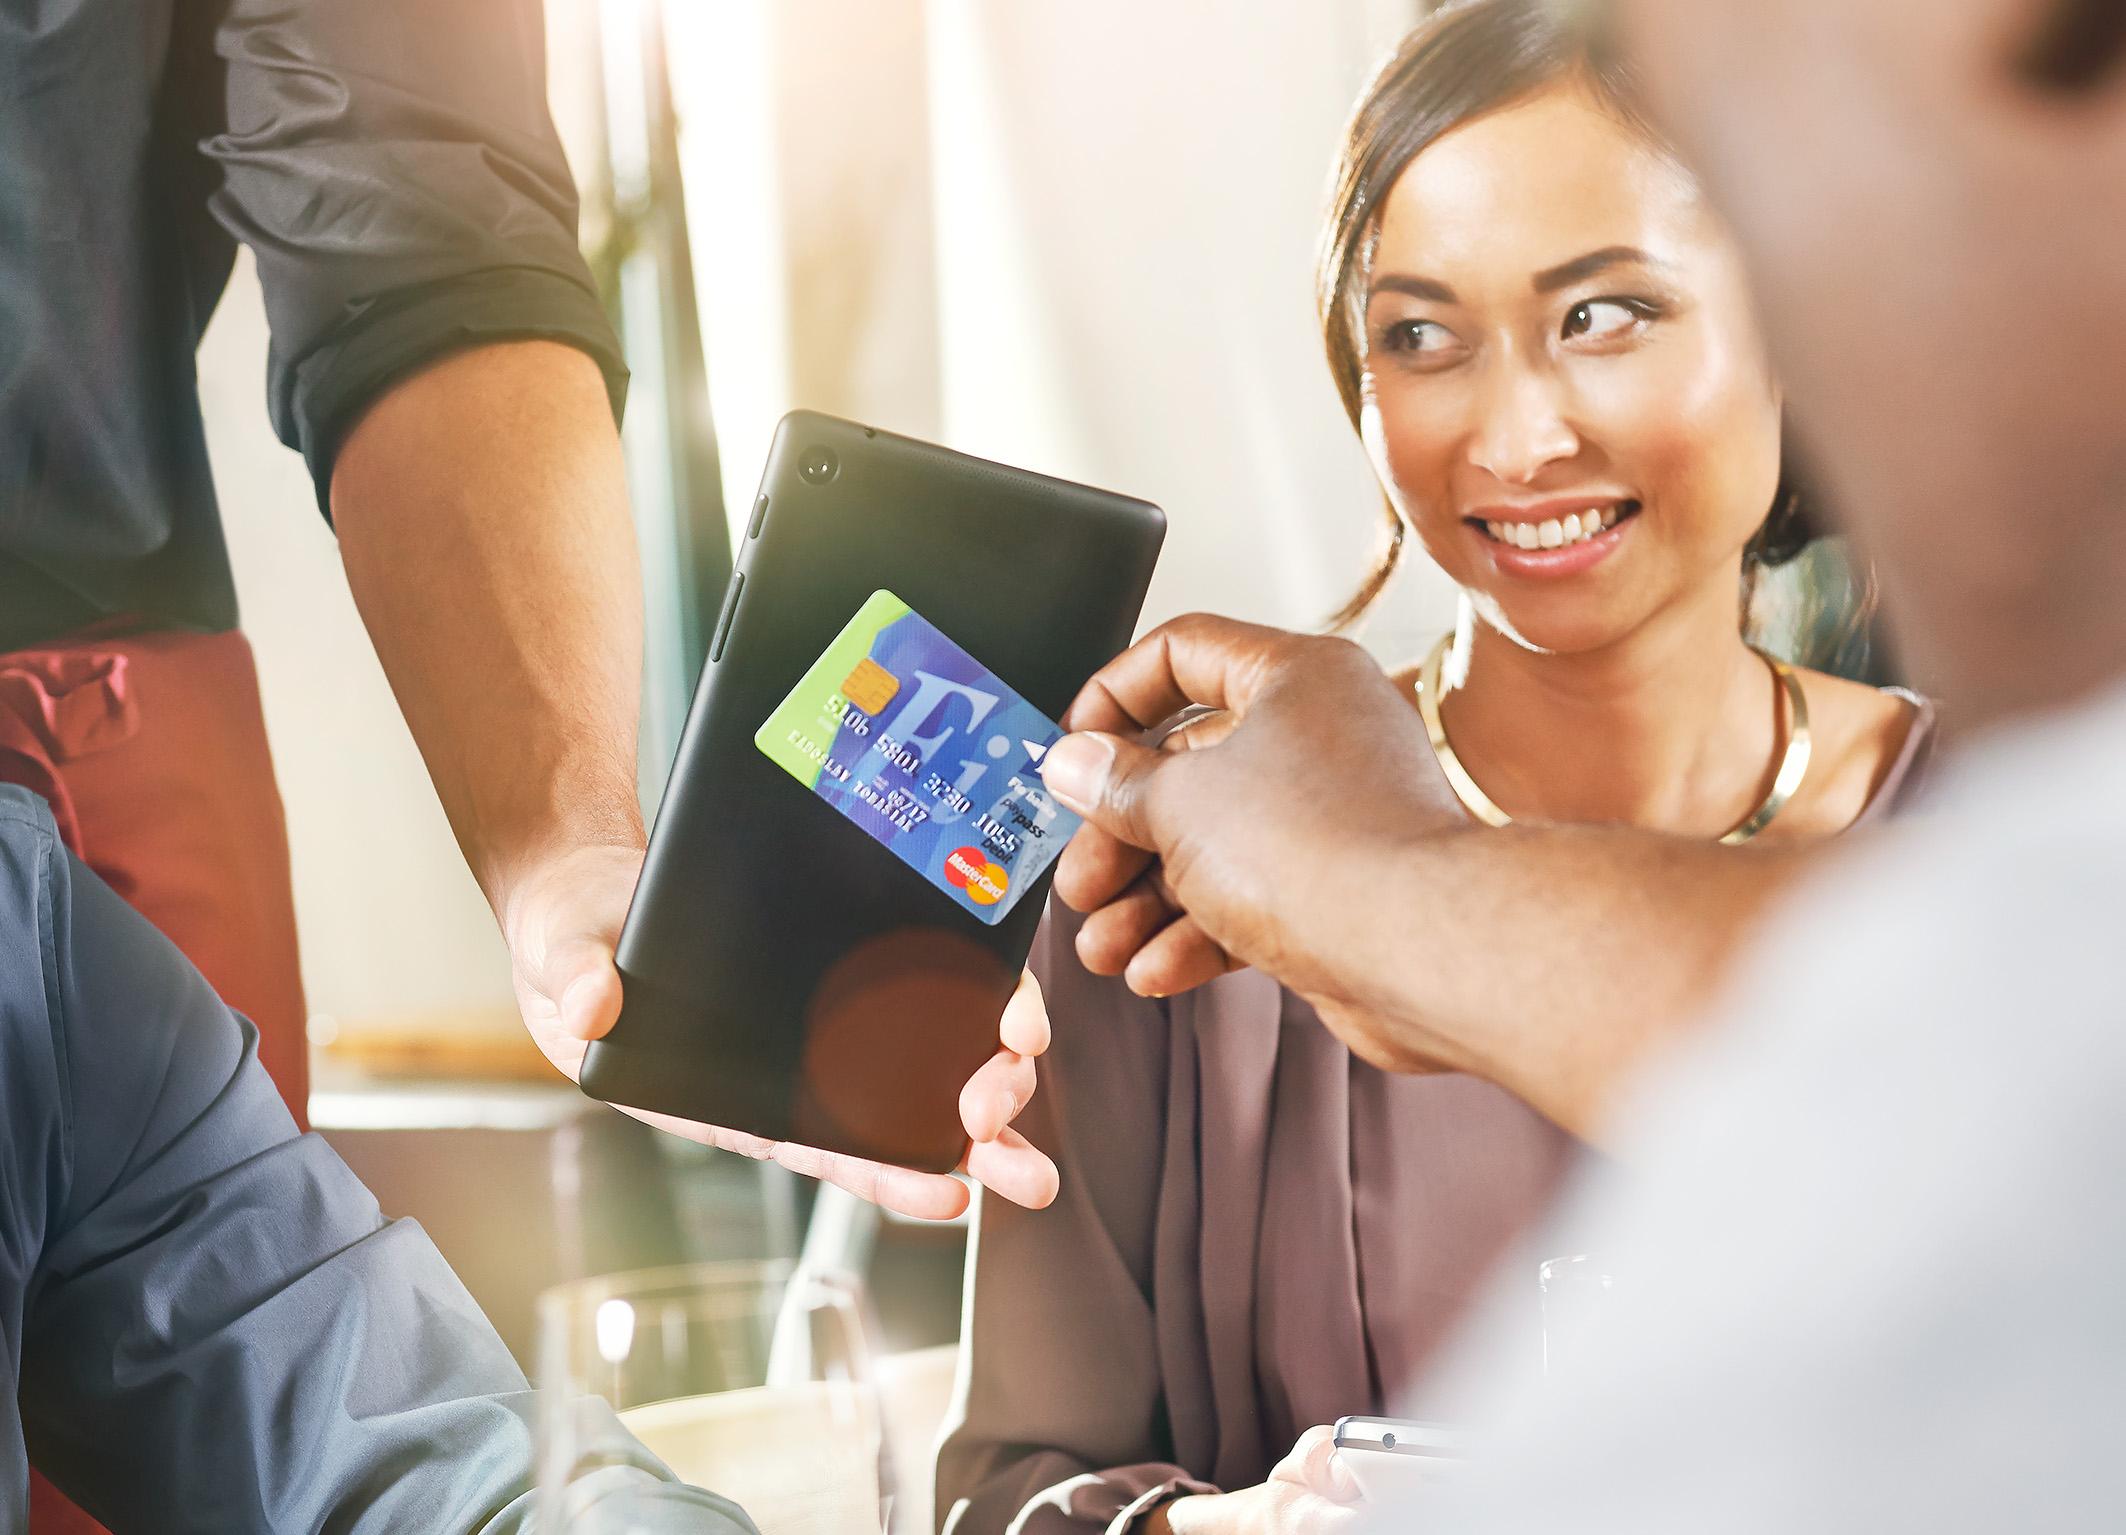 英飞凌科技股份公司推出全新SECORA Pay品牌的解决方案